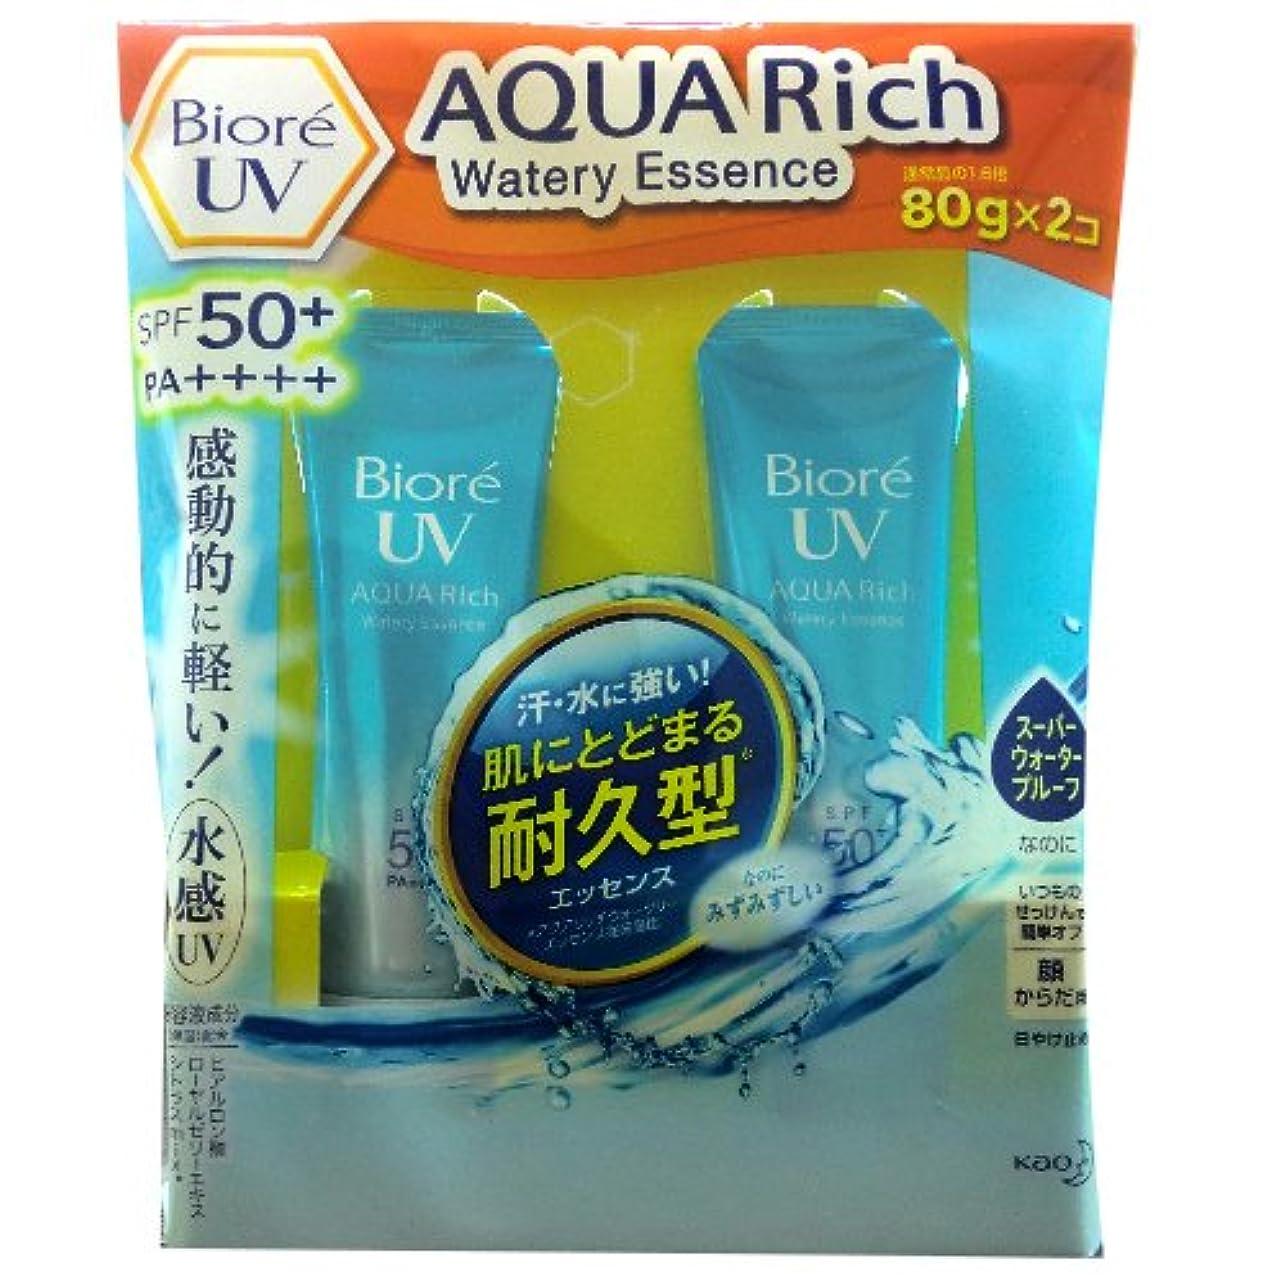 実施する苦痛西Biore UV AQUA Rich Watery Essence 80g×2コ